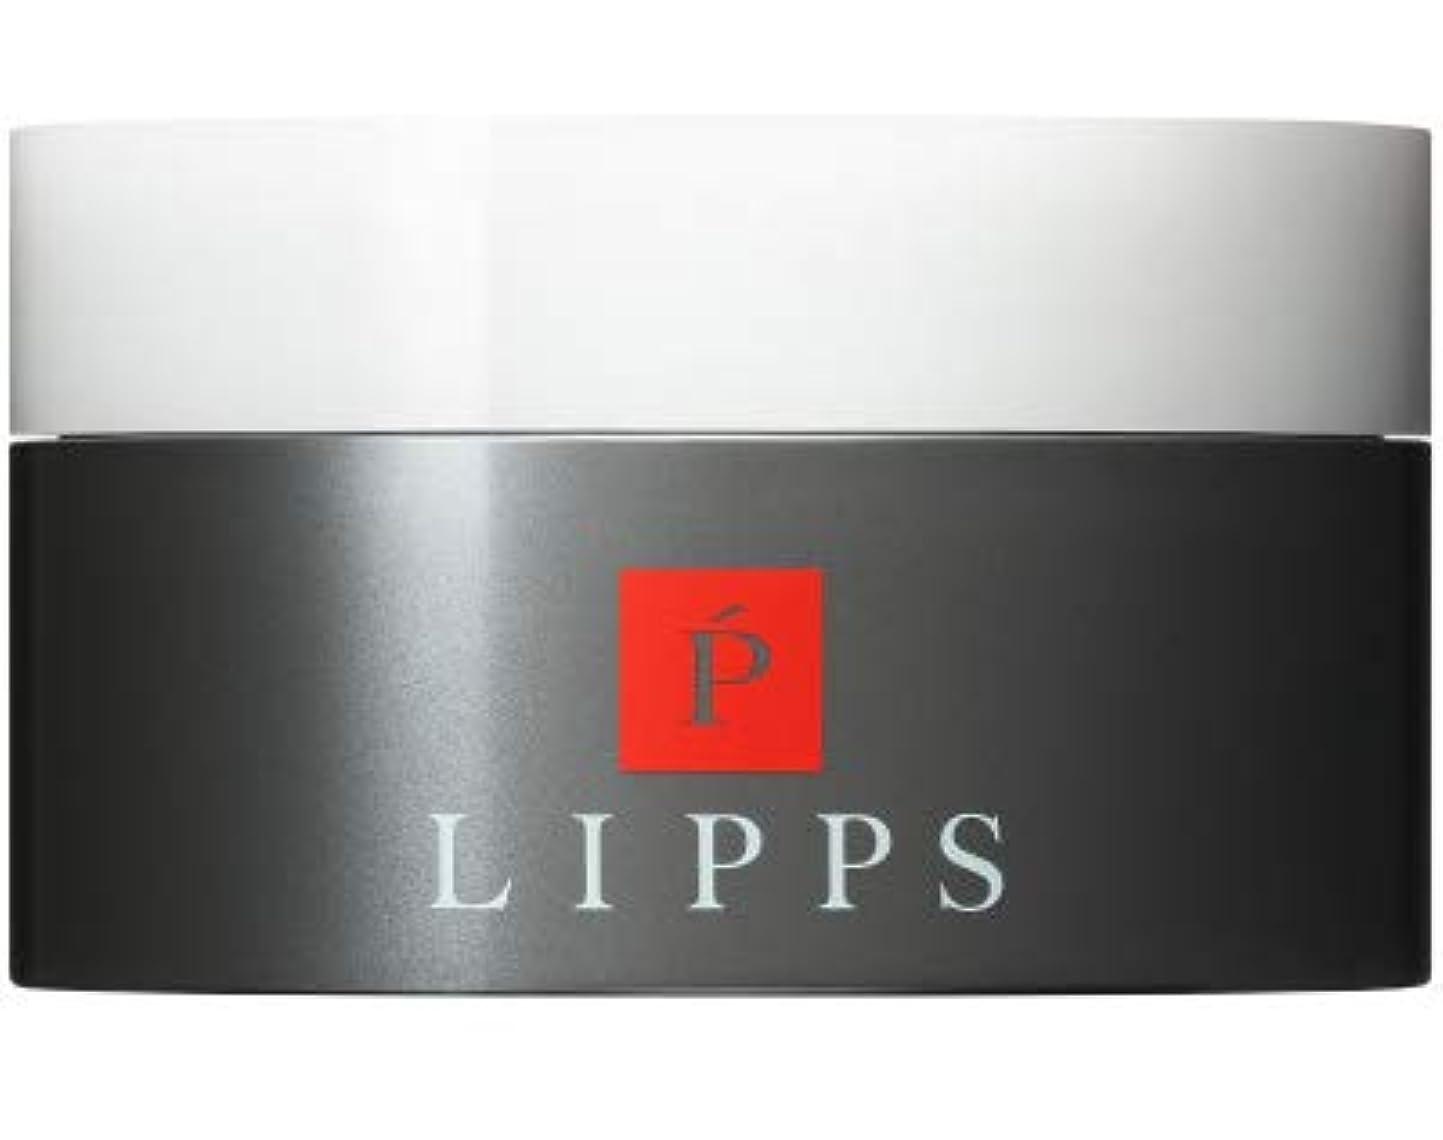 識字交差点することになっている【立ち上げ×シャープな束感】LIPPS L14フリーハードワックス (85g)